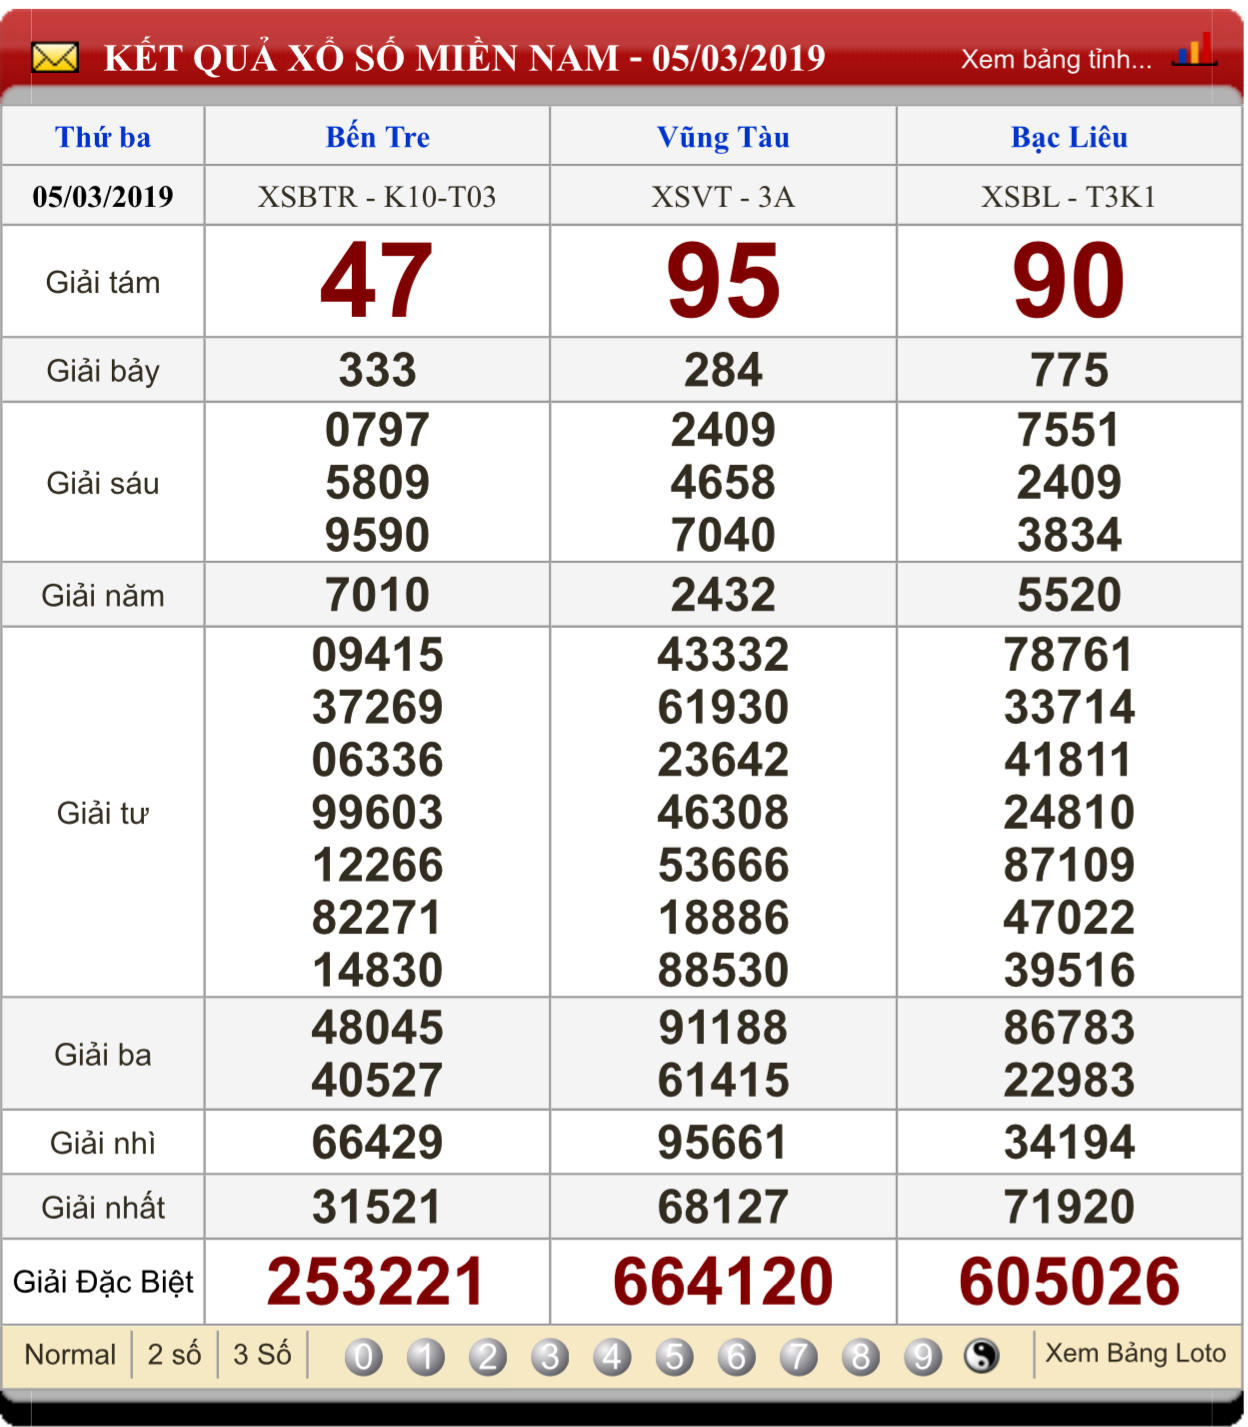 55C713AD-D110-40D7-8CCF-E065766D9A04.jpeg